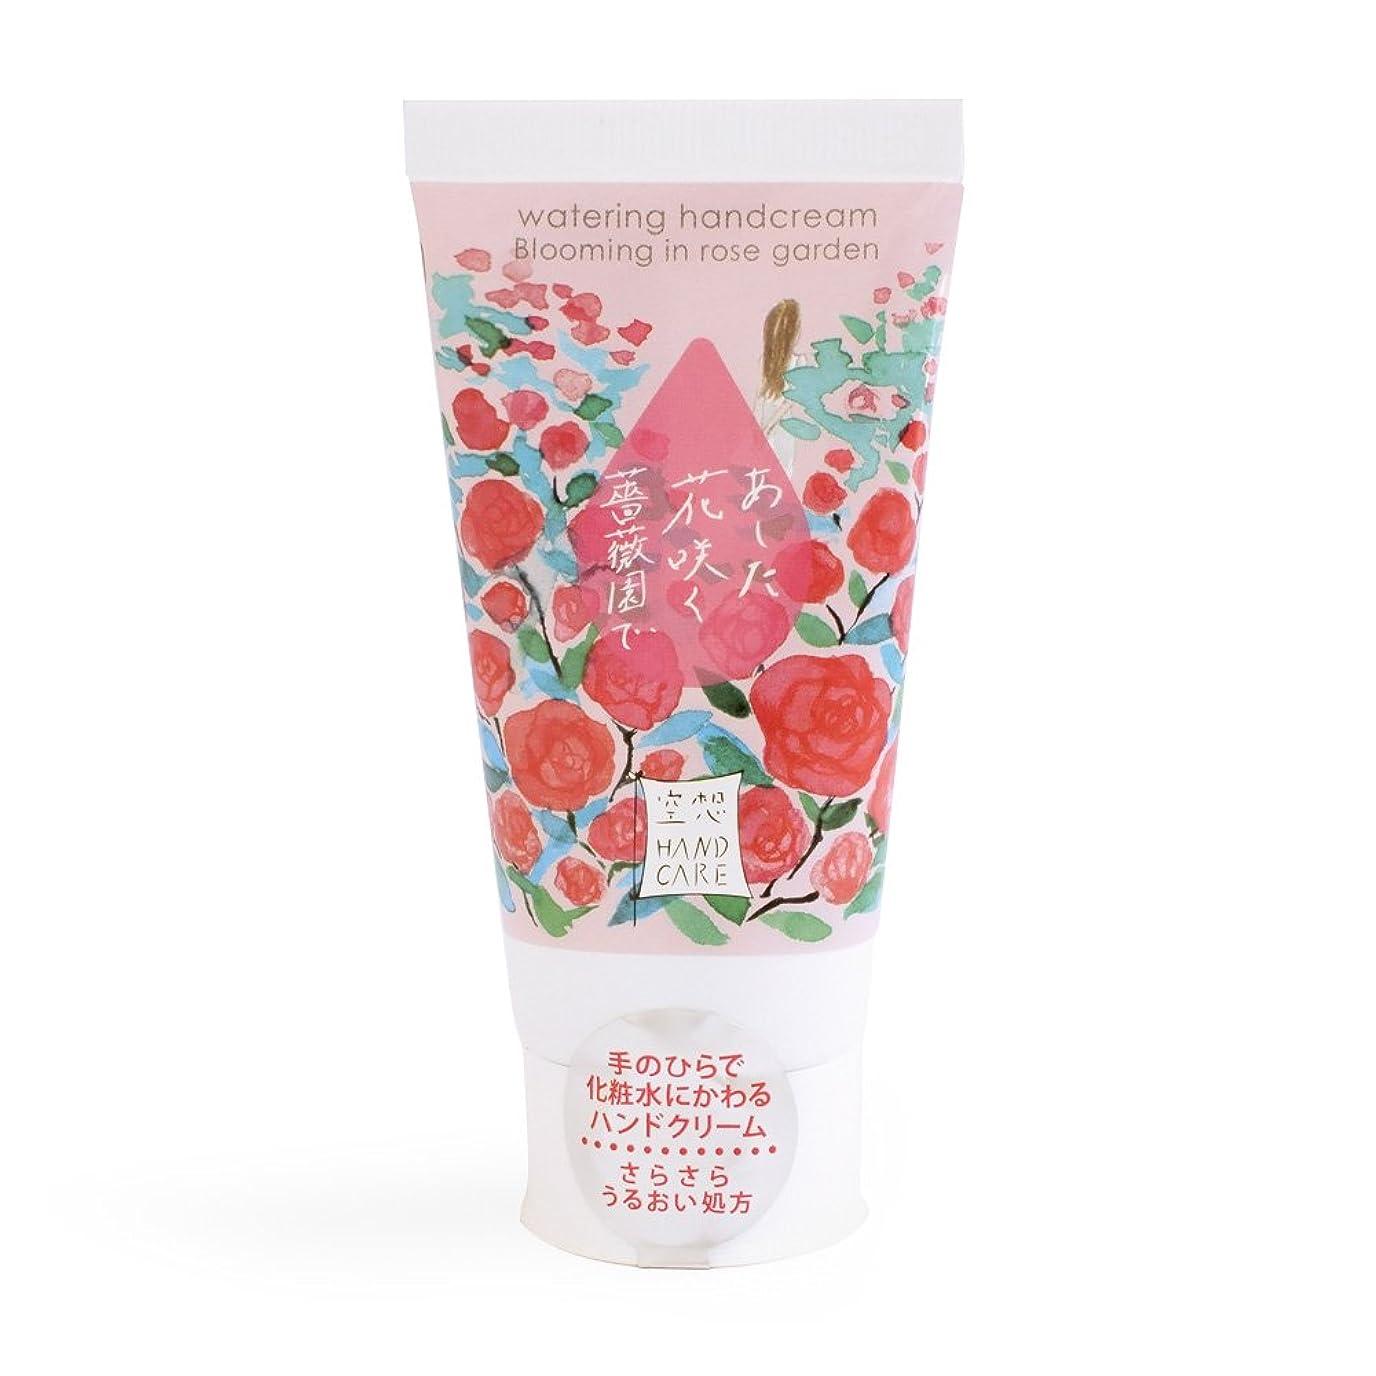 くつろぎ割り当て不和空想ウォータリングハンドクリーム あした花咲く薔薇園で